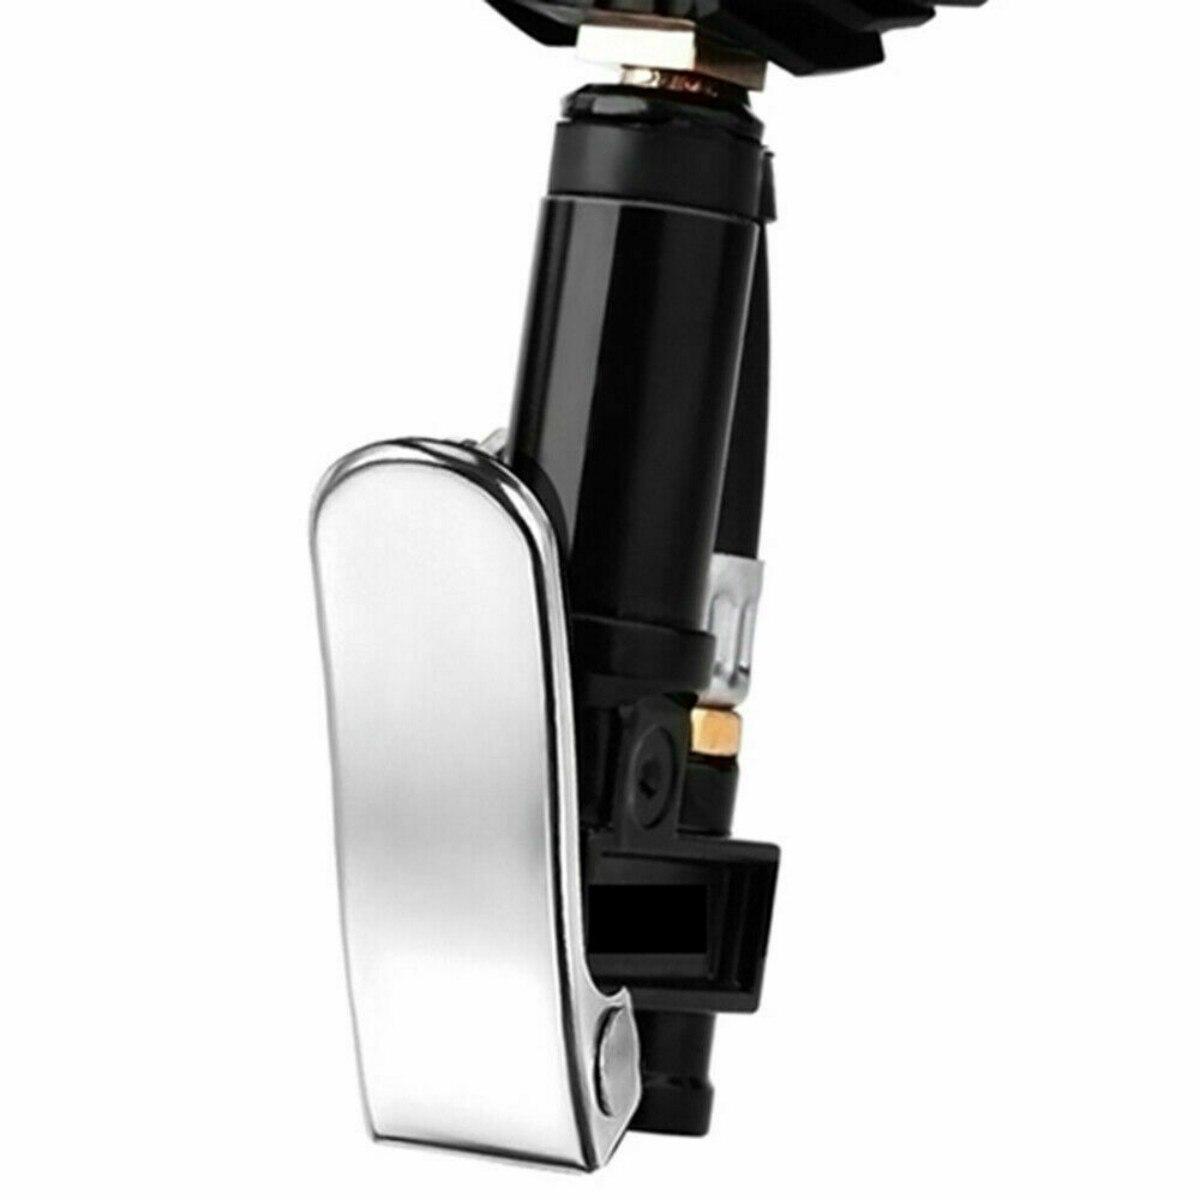 200 фунтов/кв. дюйм Надувное устройство для автомобильных шин с ЖК-дисплеем Манометр воздушный патрон и шланг пистолет Тип Автомобильный ман...